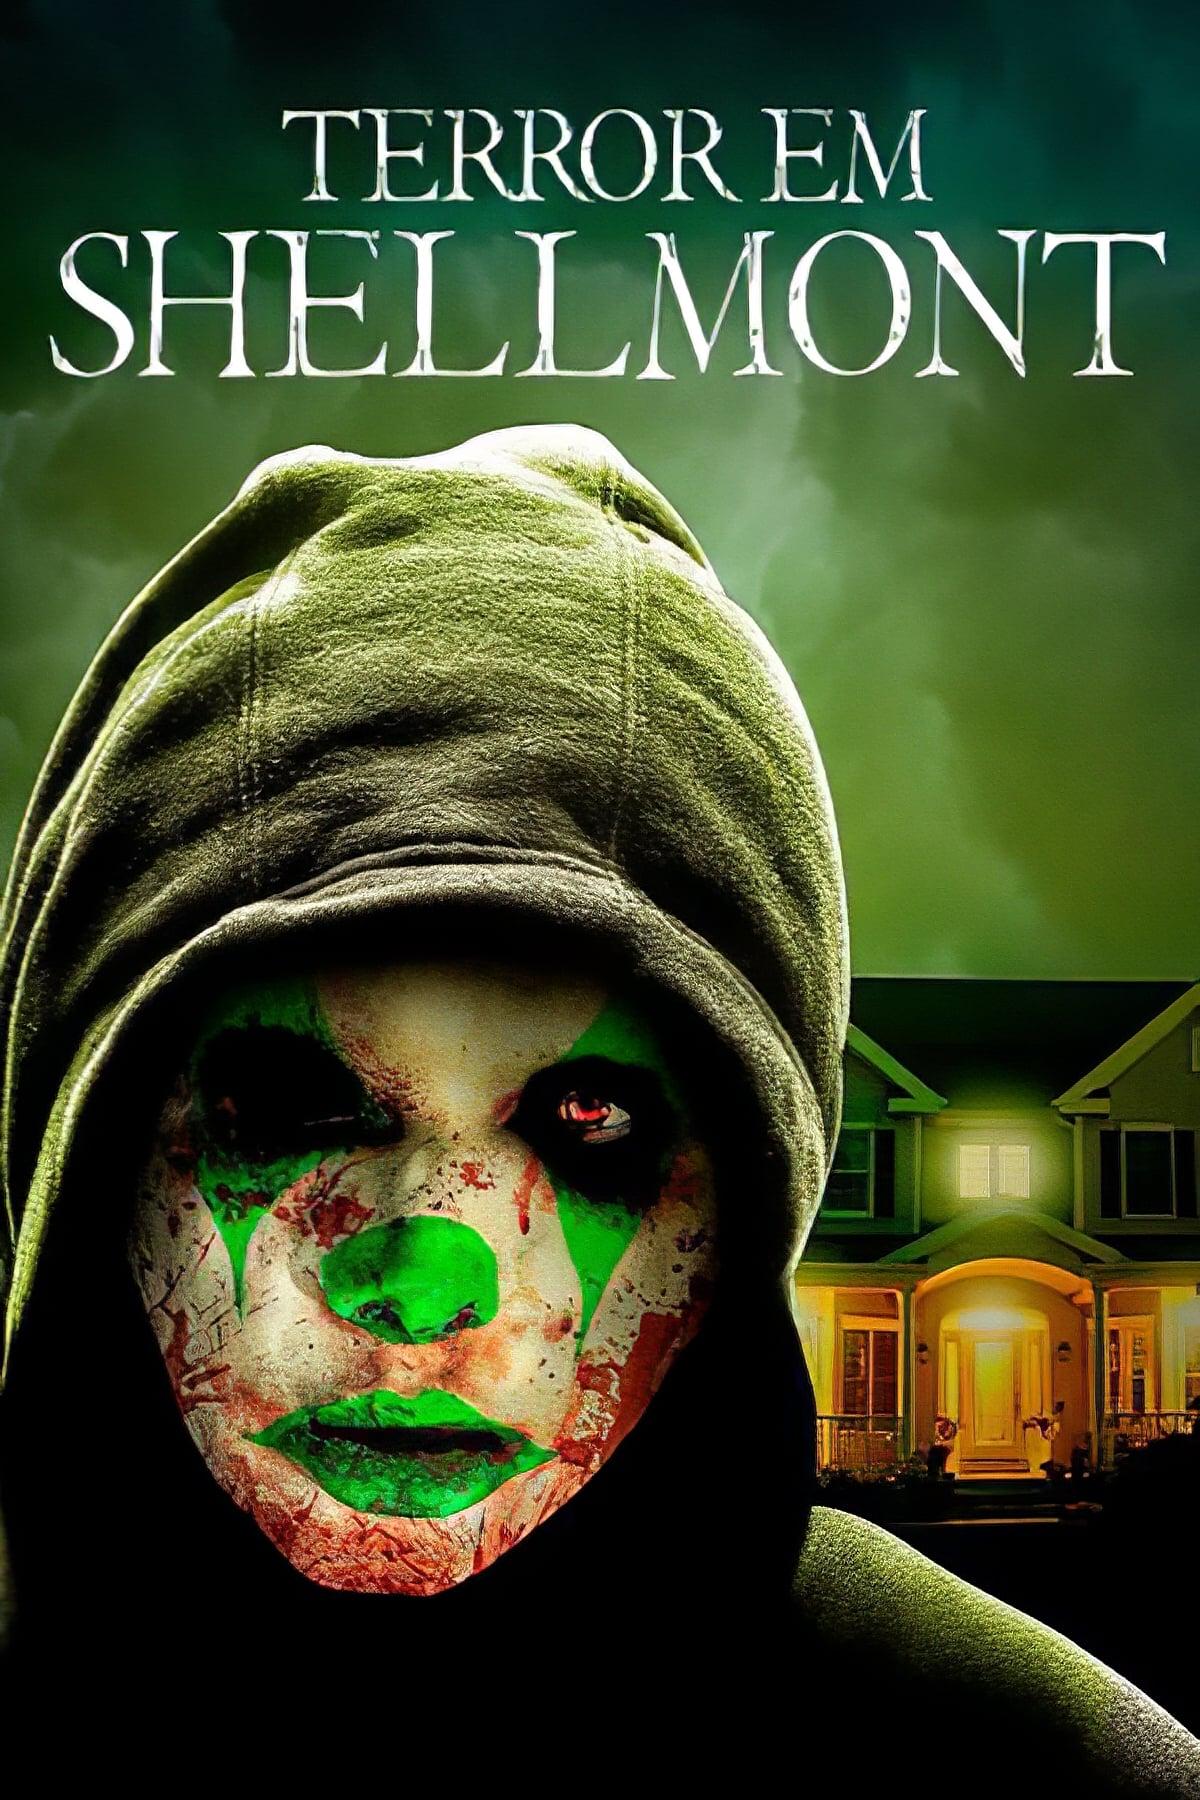 Terror em Shellmont Dublado